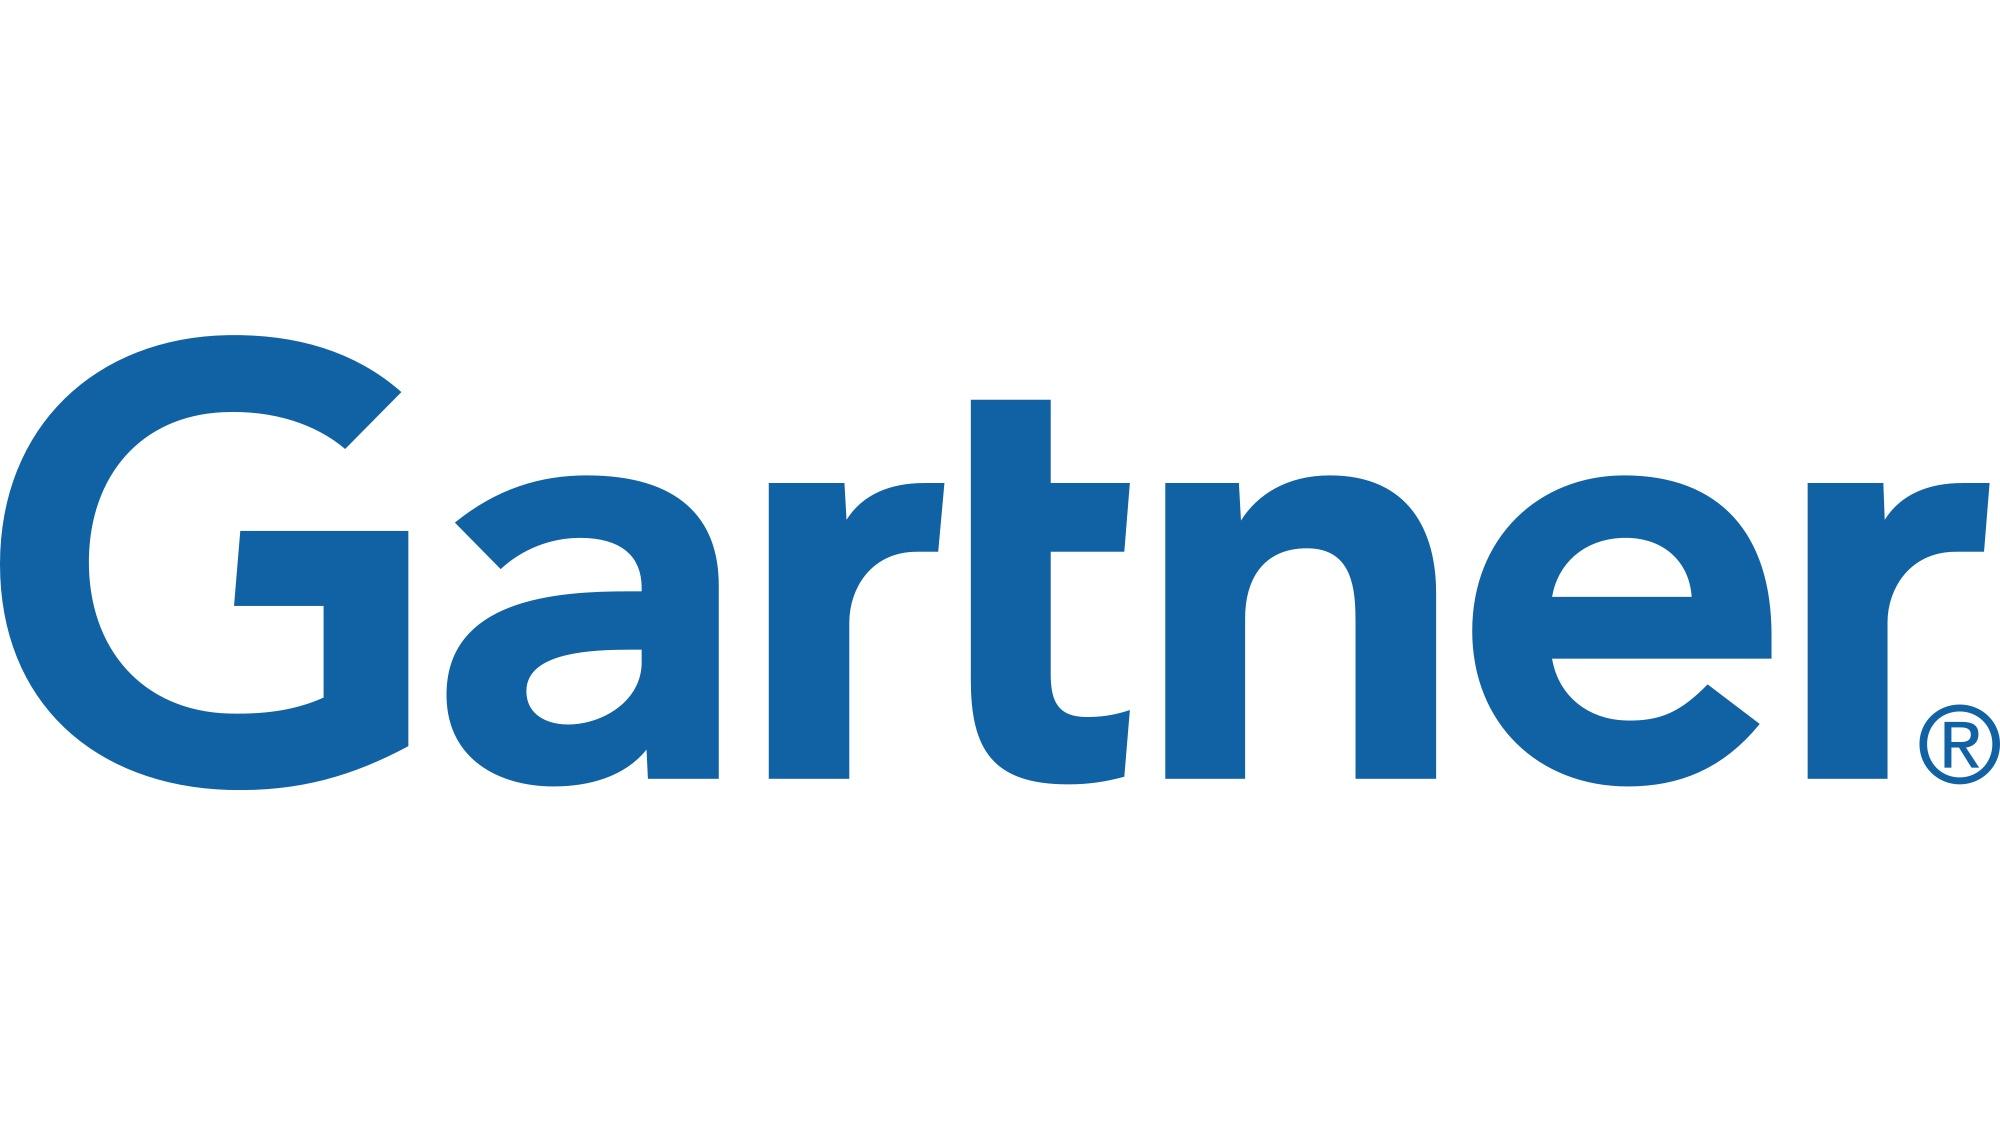 جارتنر: الأعمال الرقمية تمكّن رؤساء تقنية المعلومات من أن يصبحوا قادةً وروّاداً للأعمال